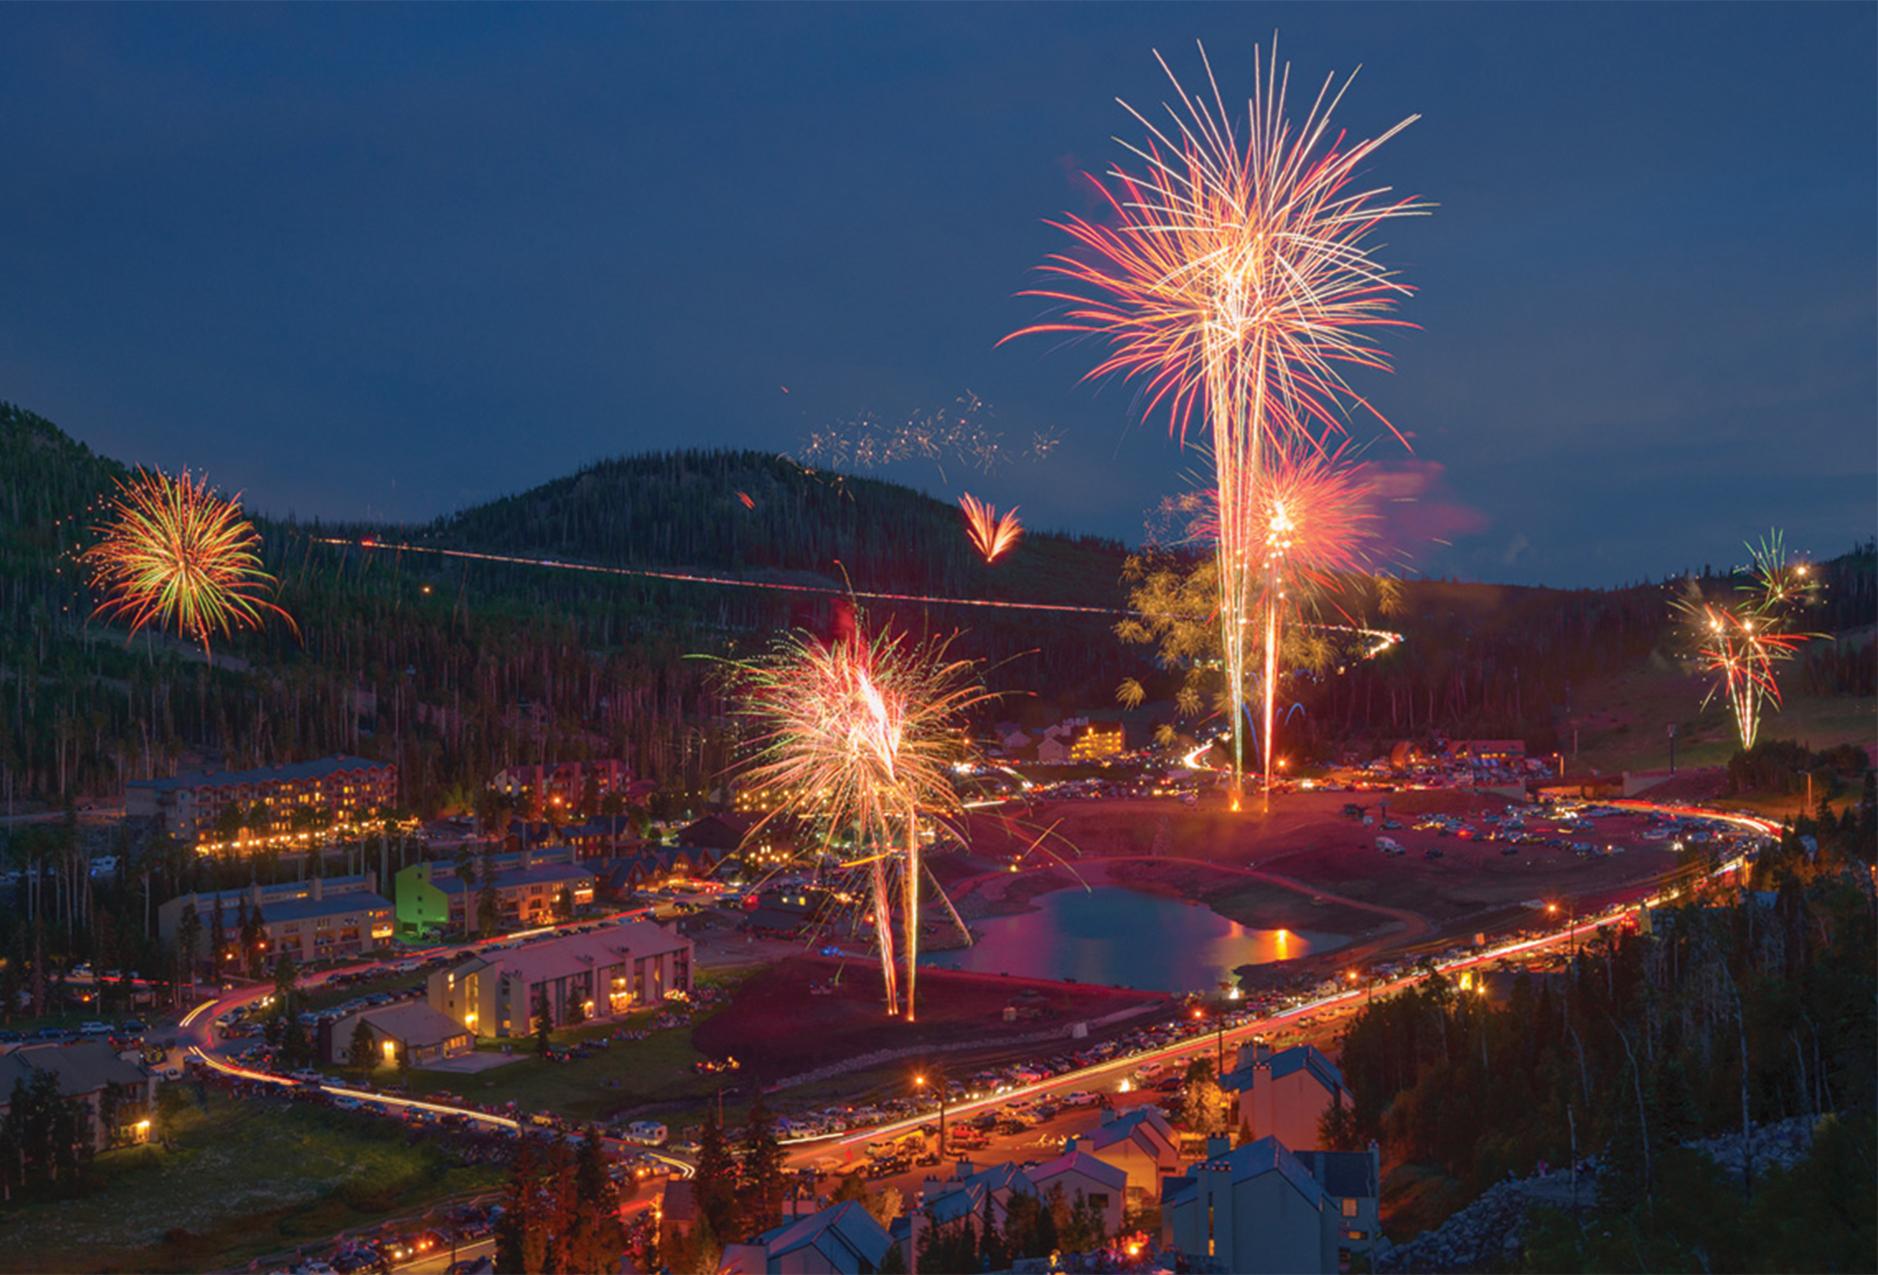 Fireworks Display in Brian Head Utah